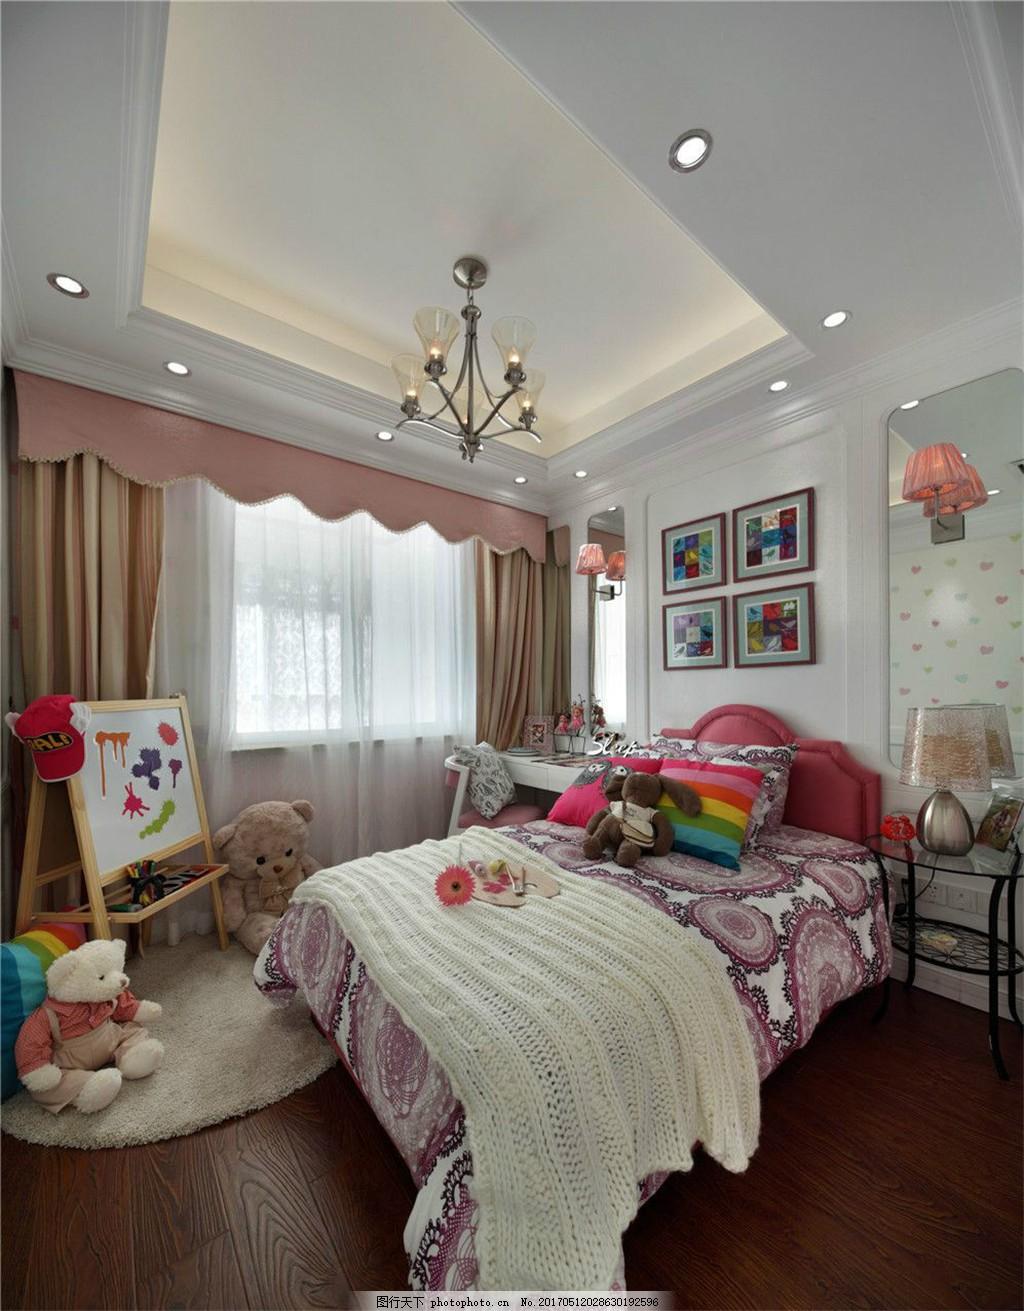 小女孩卧室装修效果图 创意环境设计家居家居生活家具客厅时尚室内